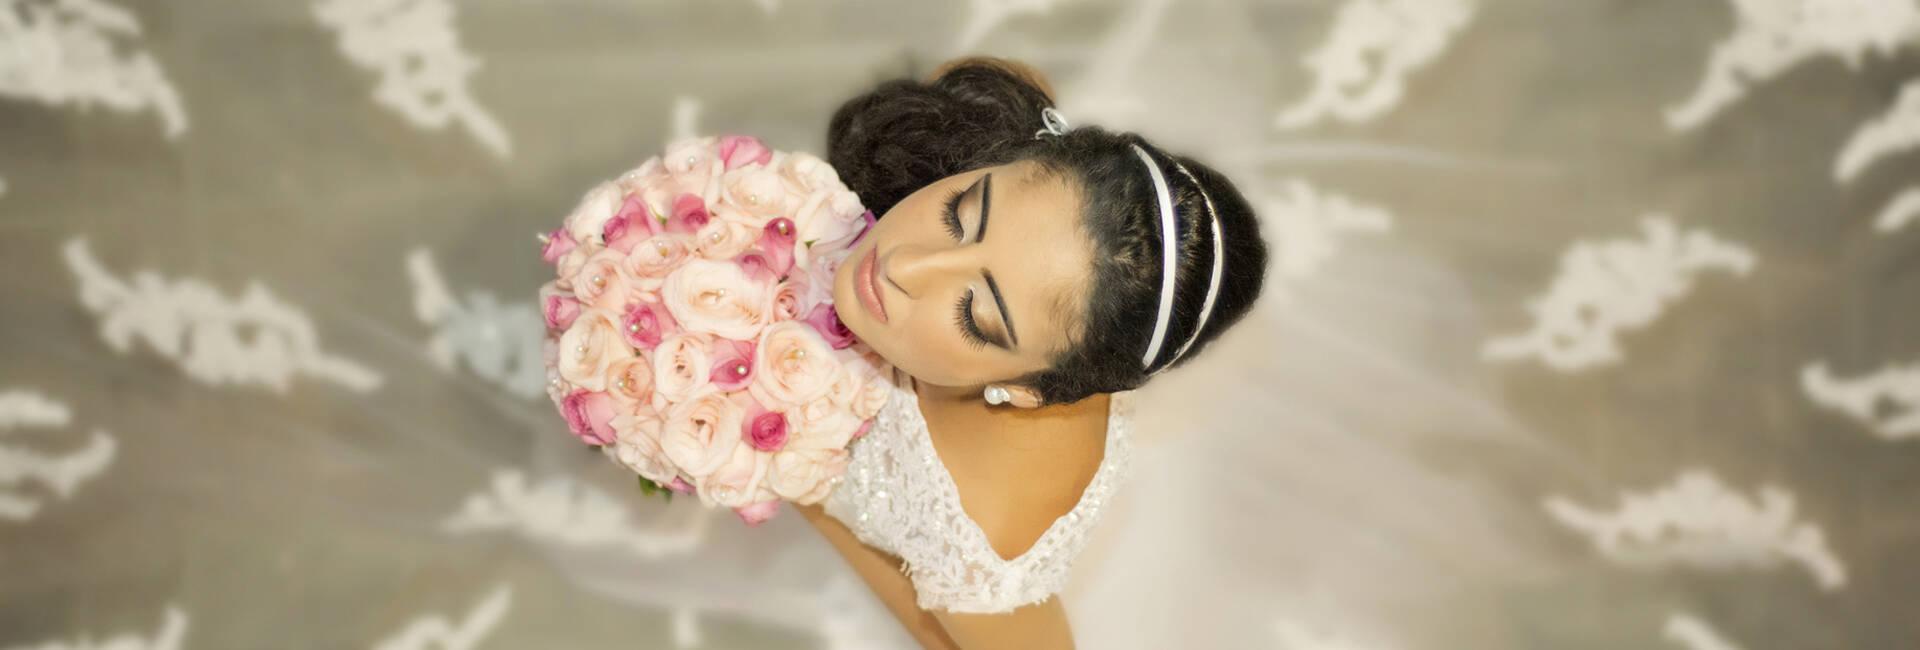 Casamento de Leidy & Carlos Paixão